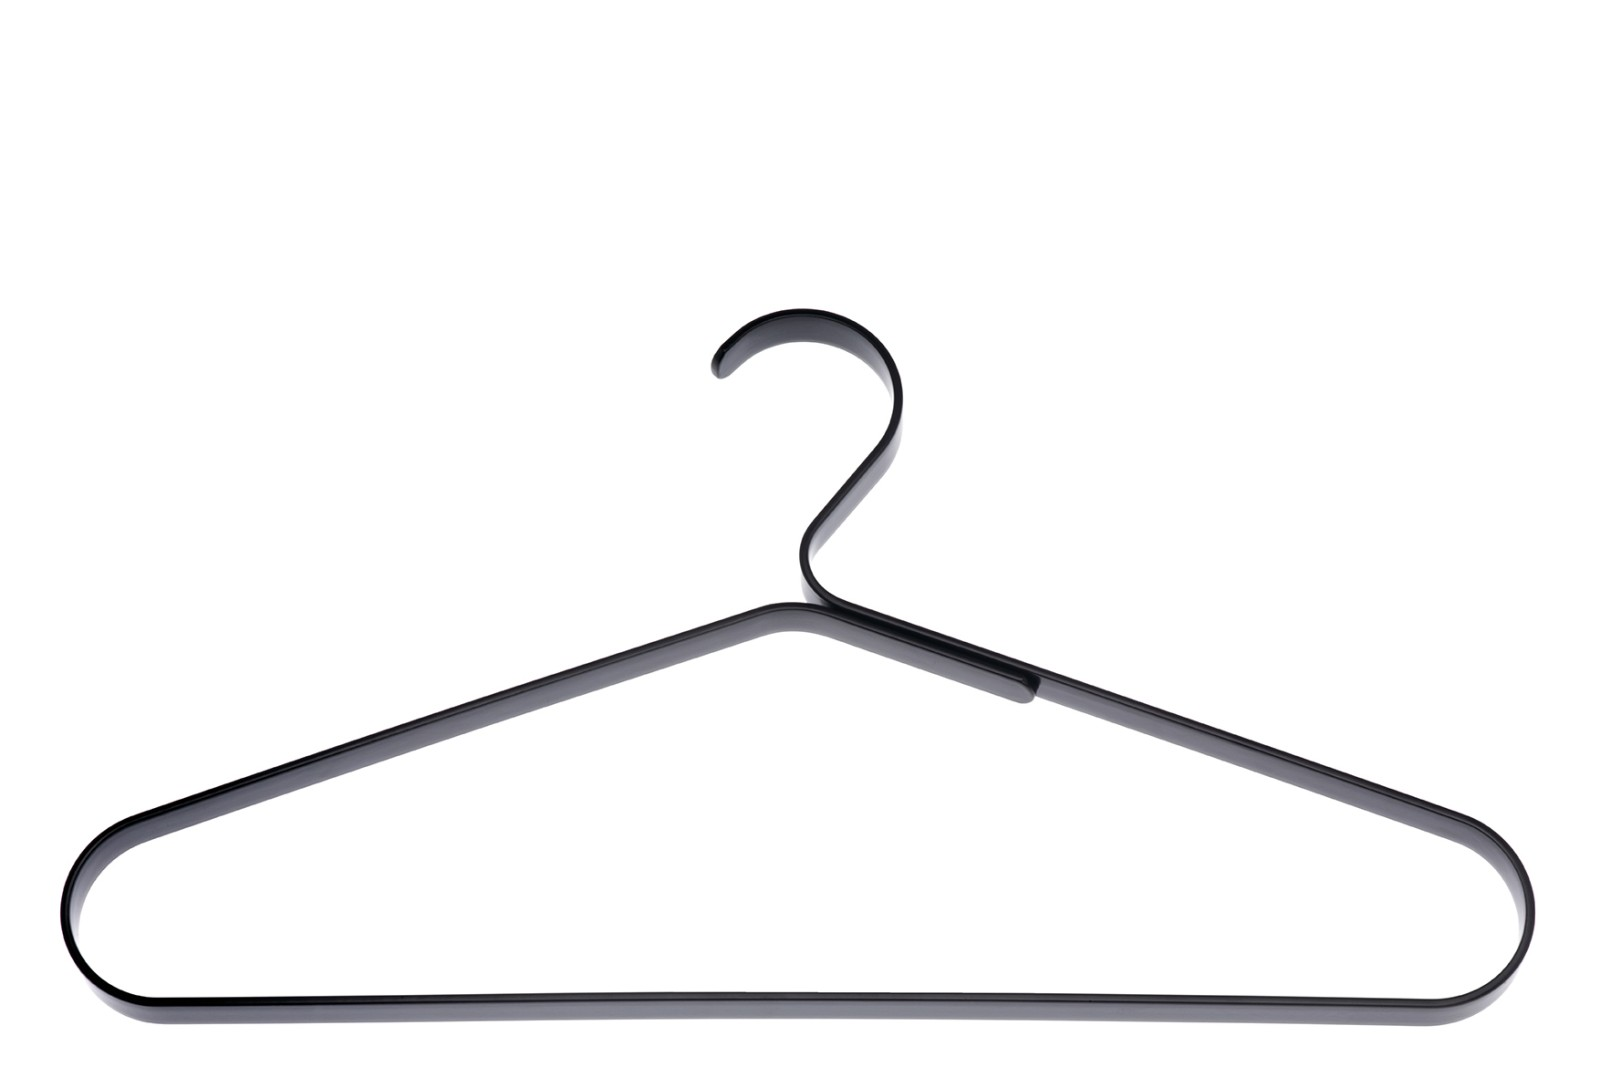 0118 Coat Hanger - Set of 4 198 Powder Coated Black Fine Structure